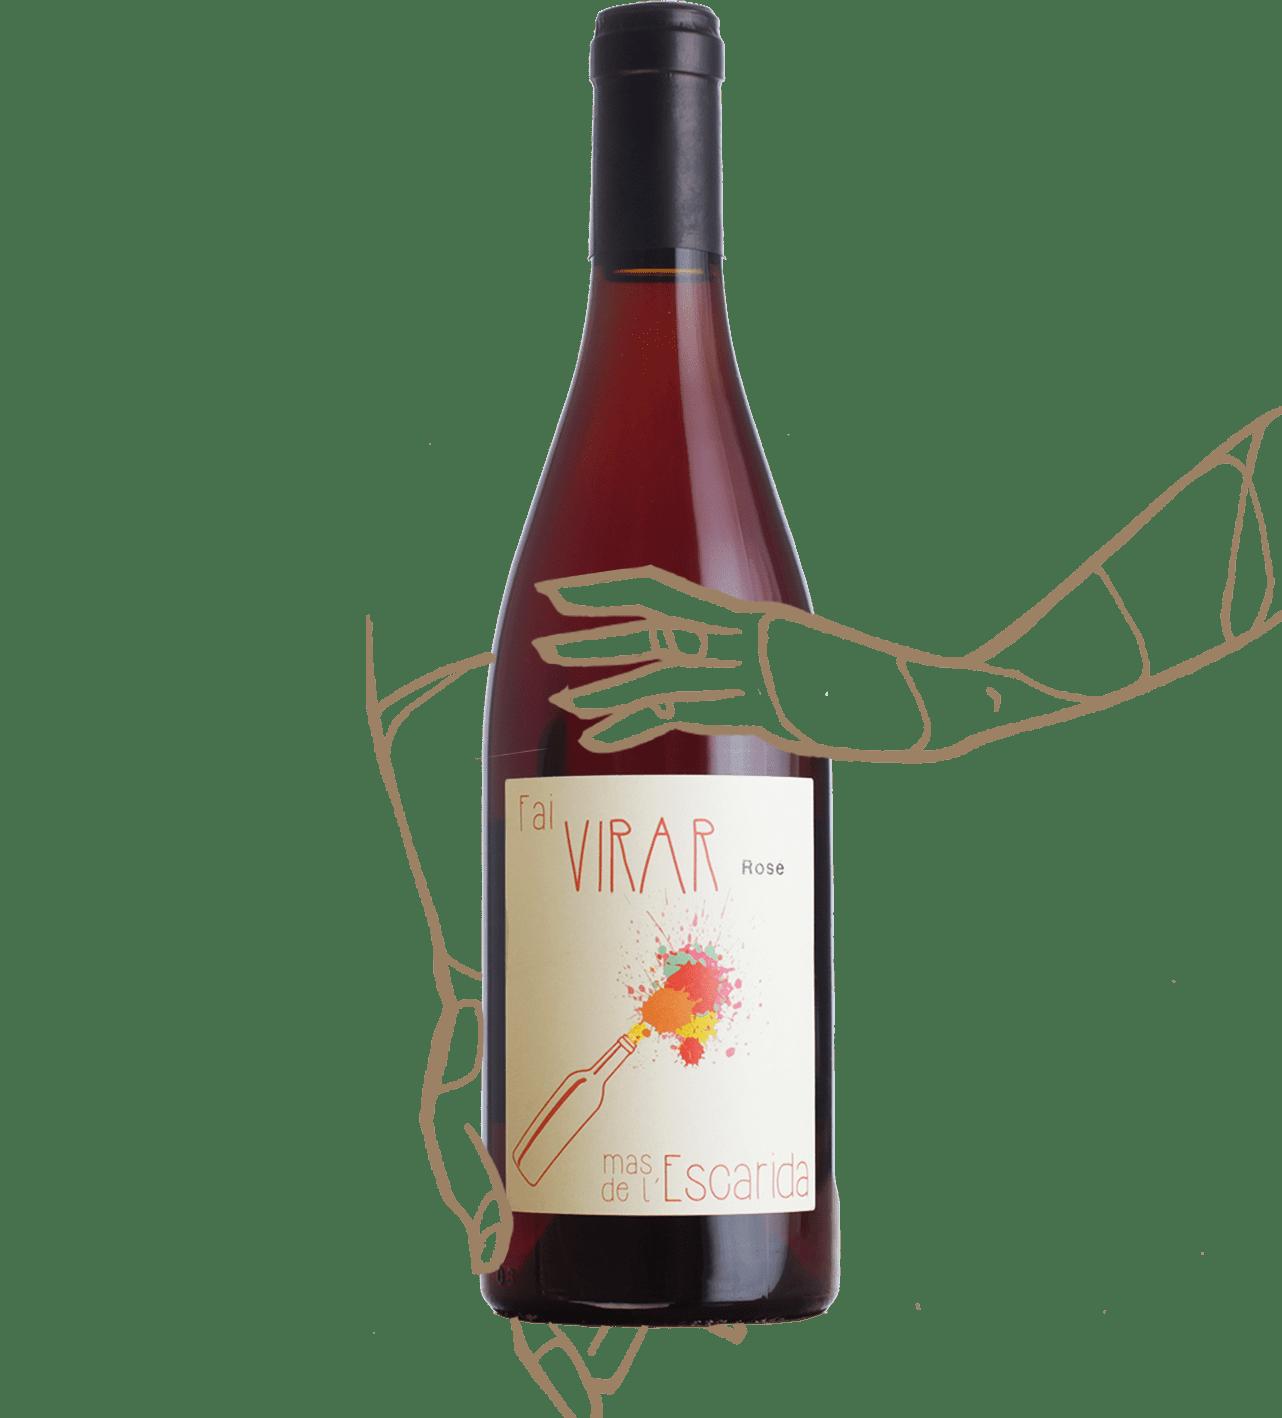 Mas de l'Escarida - Fai Virar est un rosé sans sulphites ajoutés